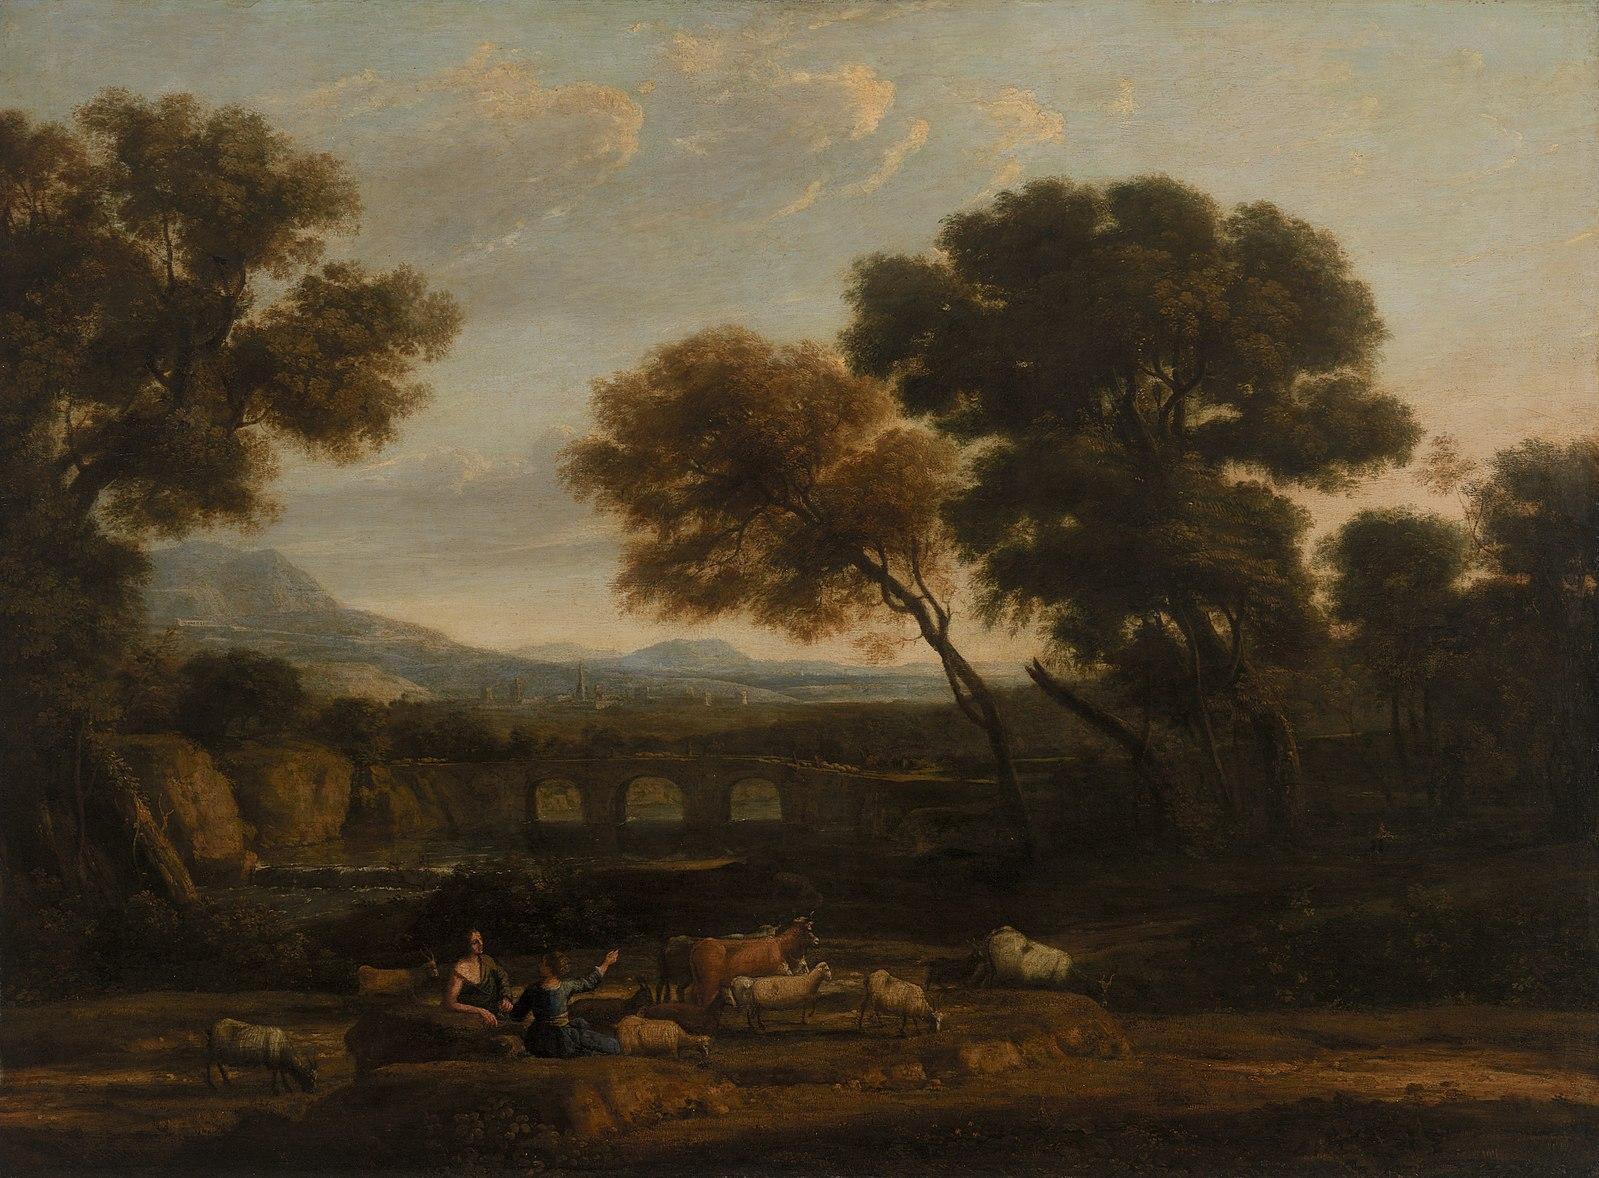 Claude Lorrain, Pastoral Landscape, 1644/45, The Barnes Foundation